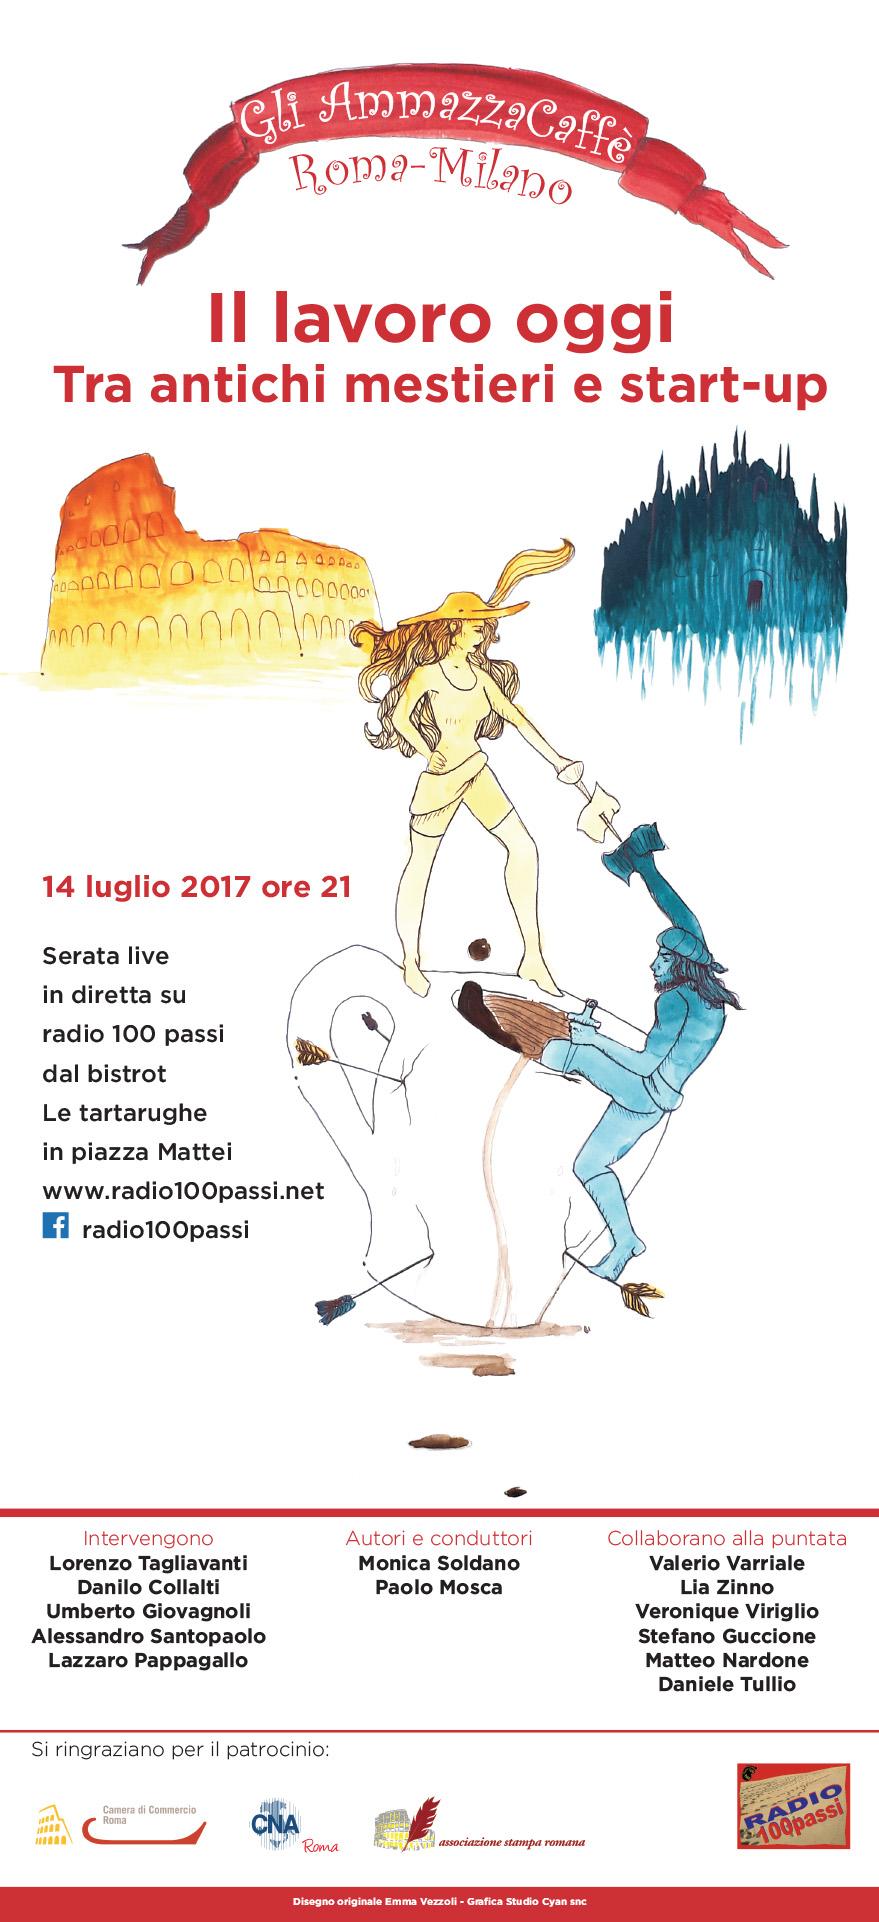 """""""Gli AmmazzaCaffè Roma-Milano"""", il nuovo progetto radiofonico di Radio 100 passi"""